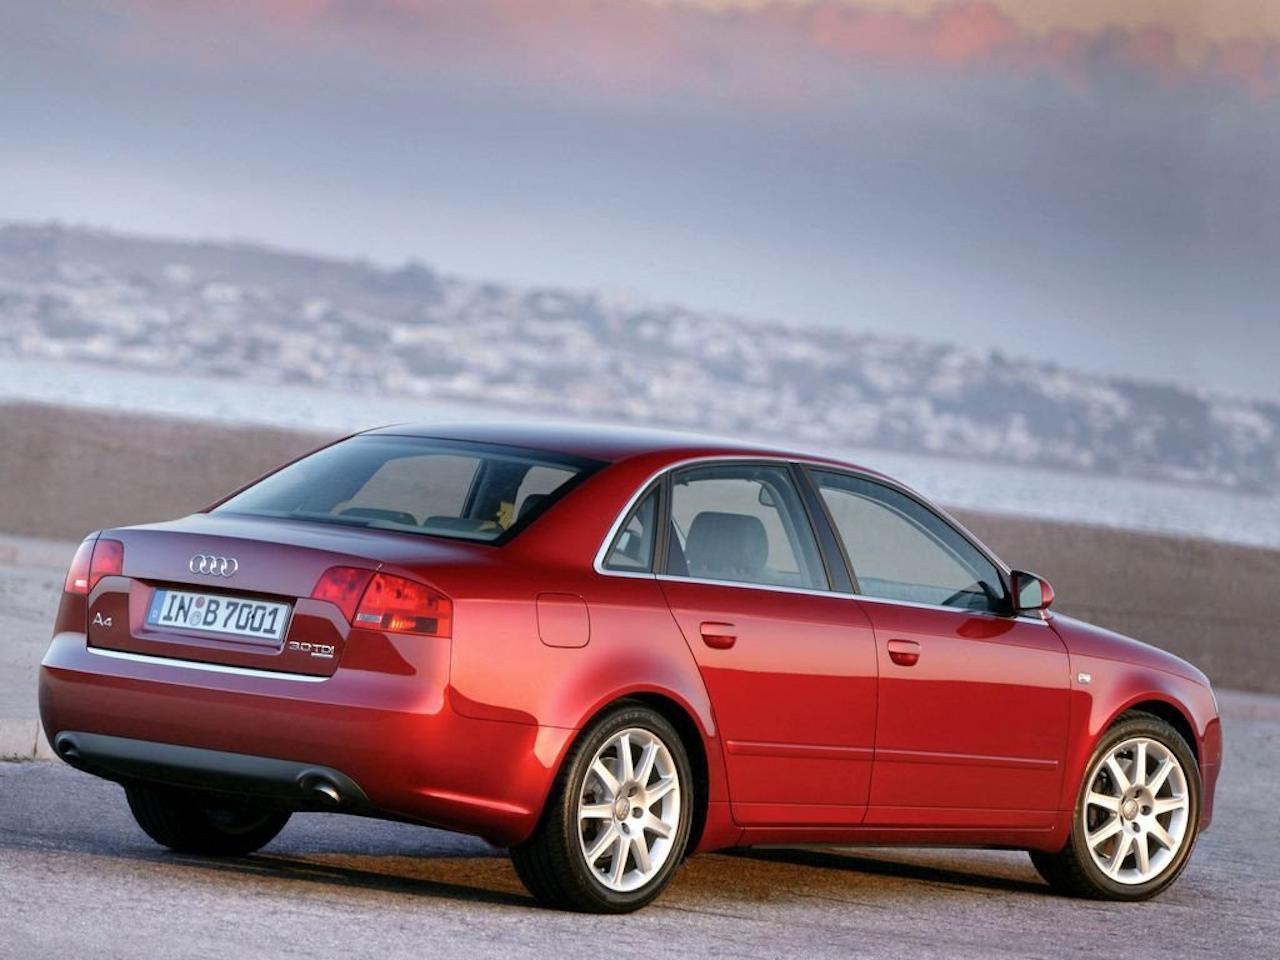 Audi-A4-b7-vibration-tremblement-4.jpeg